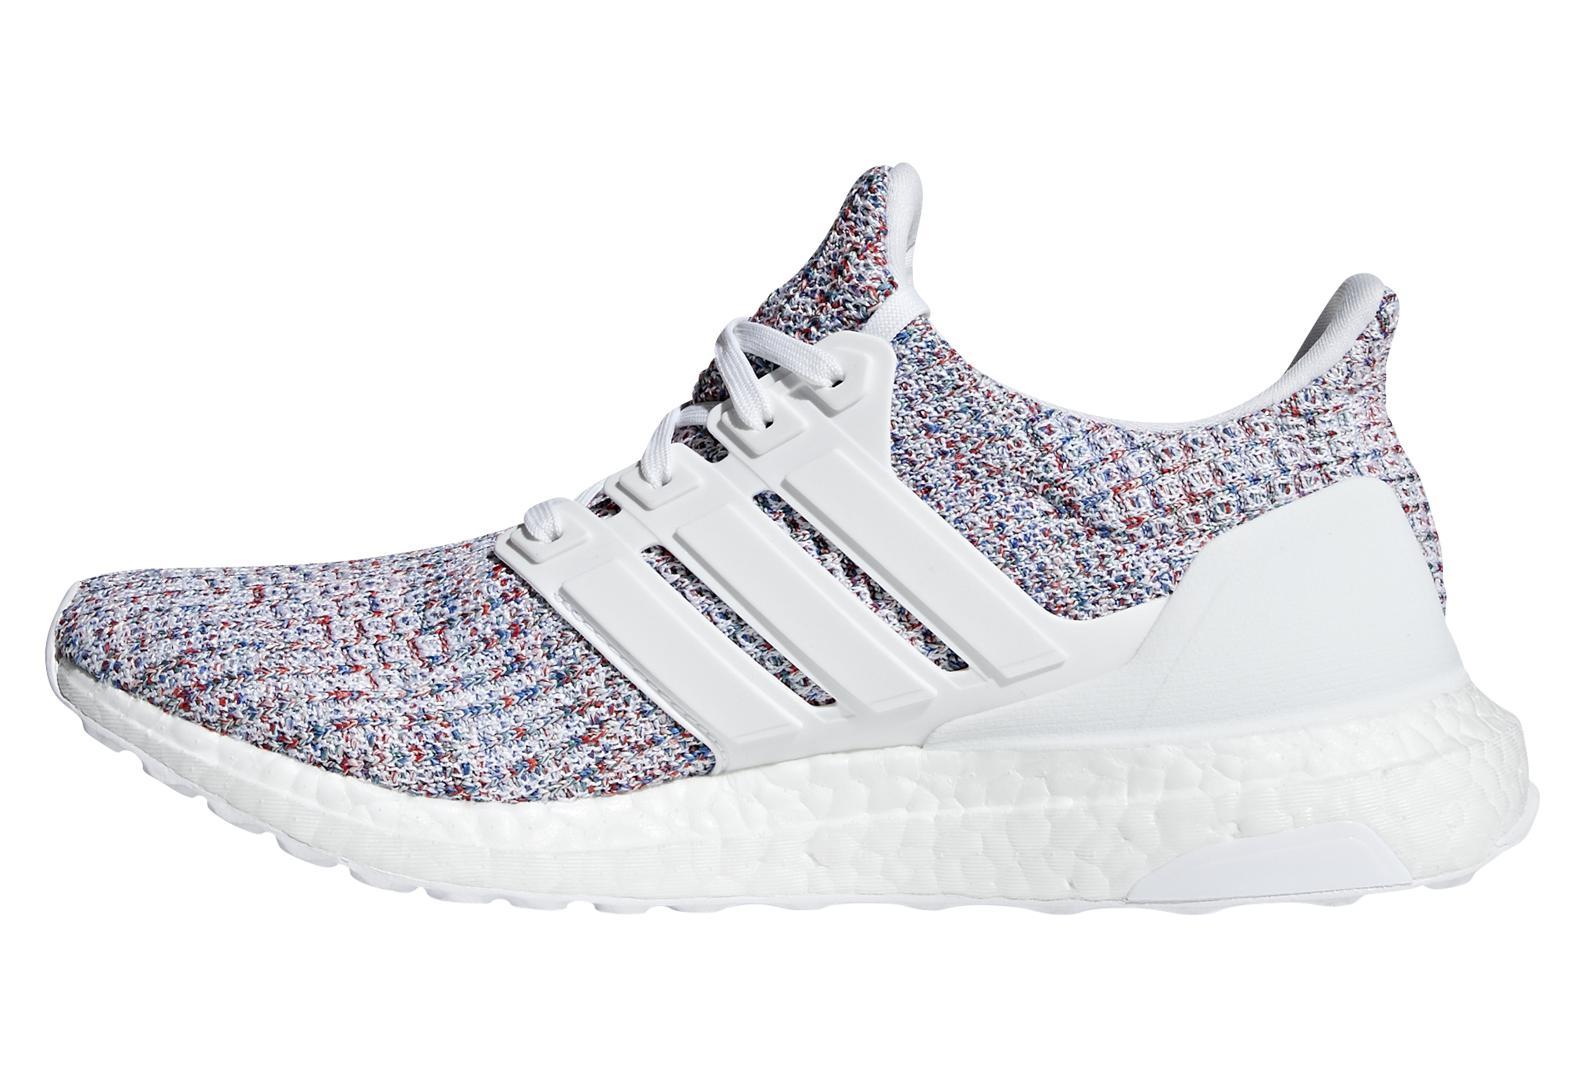 Scarpe da donna Adidas UltraBOOST Multicolor Bianco